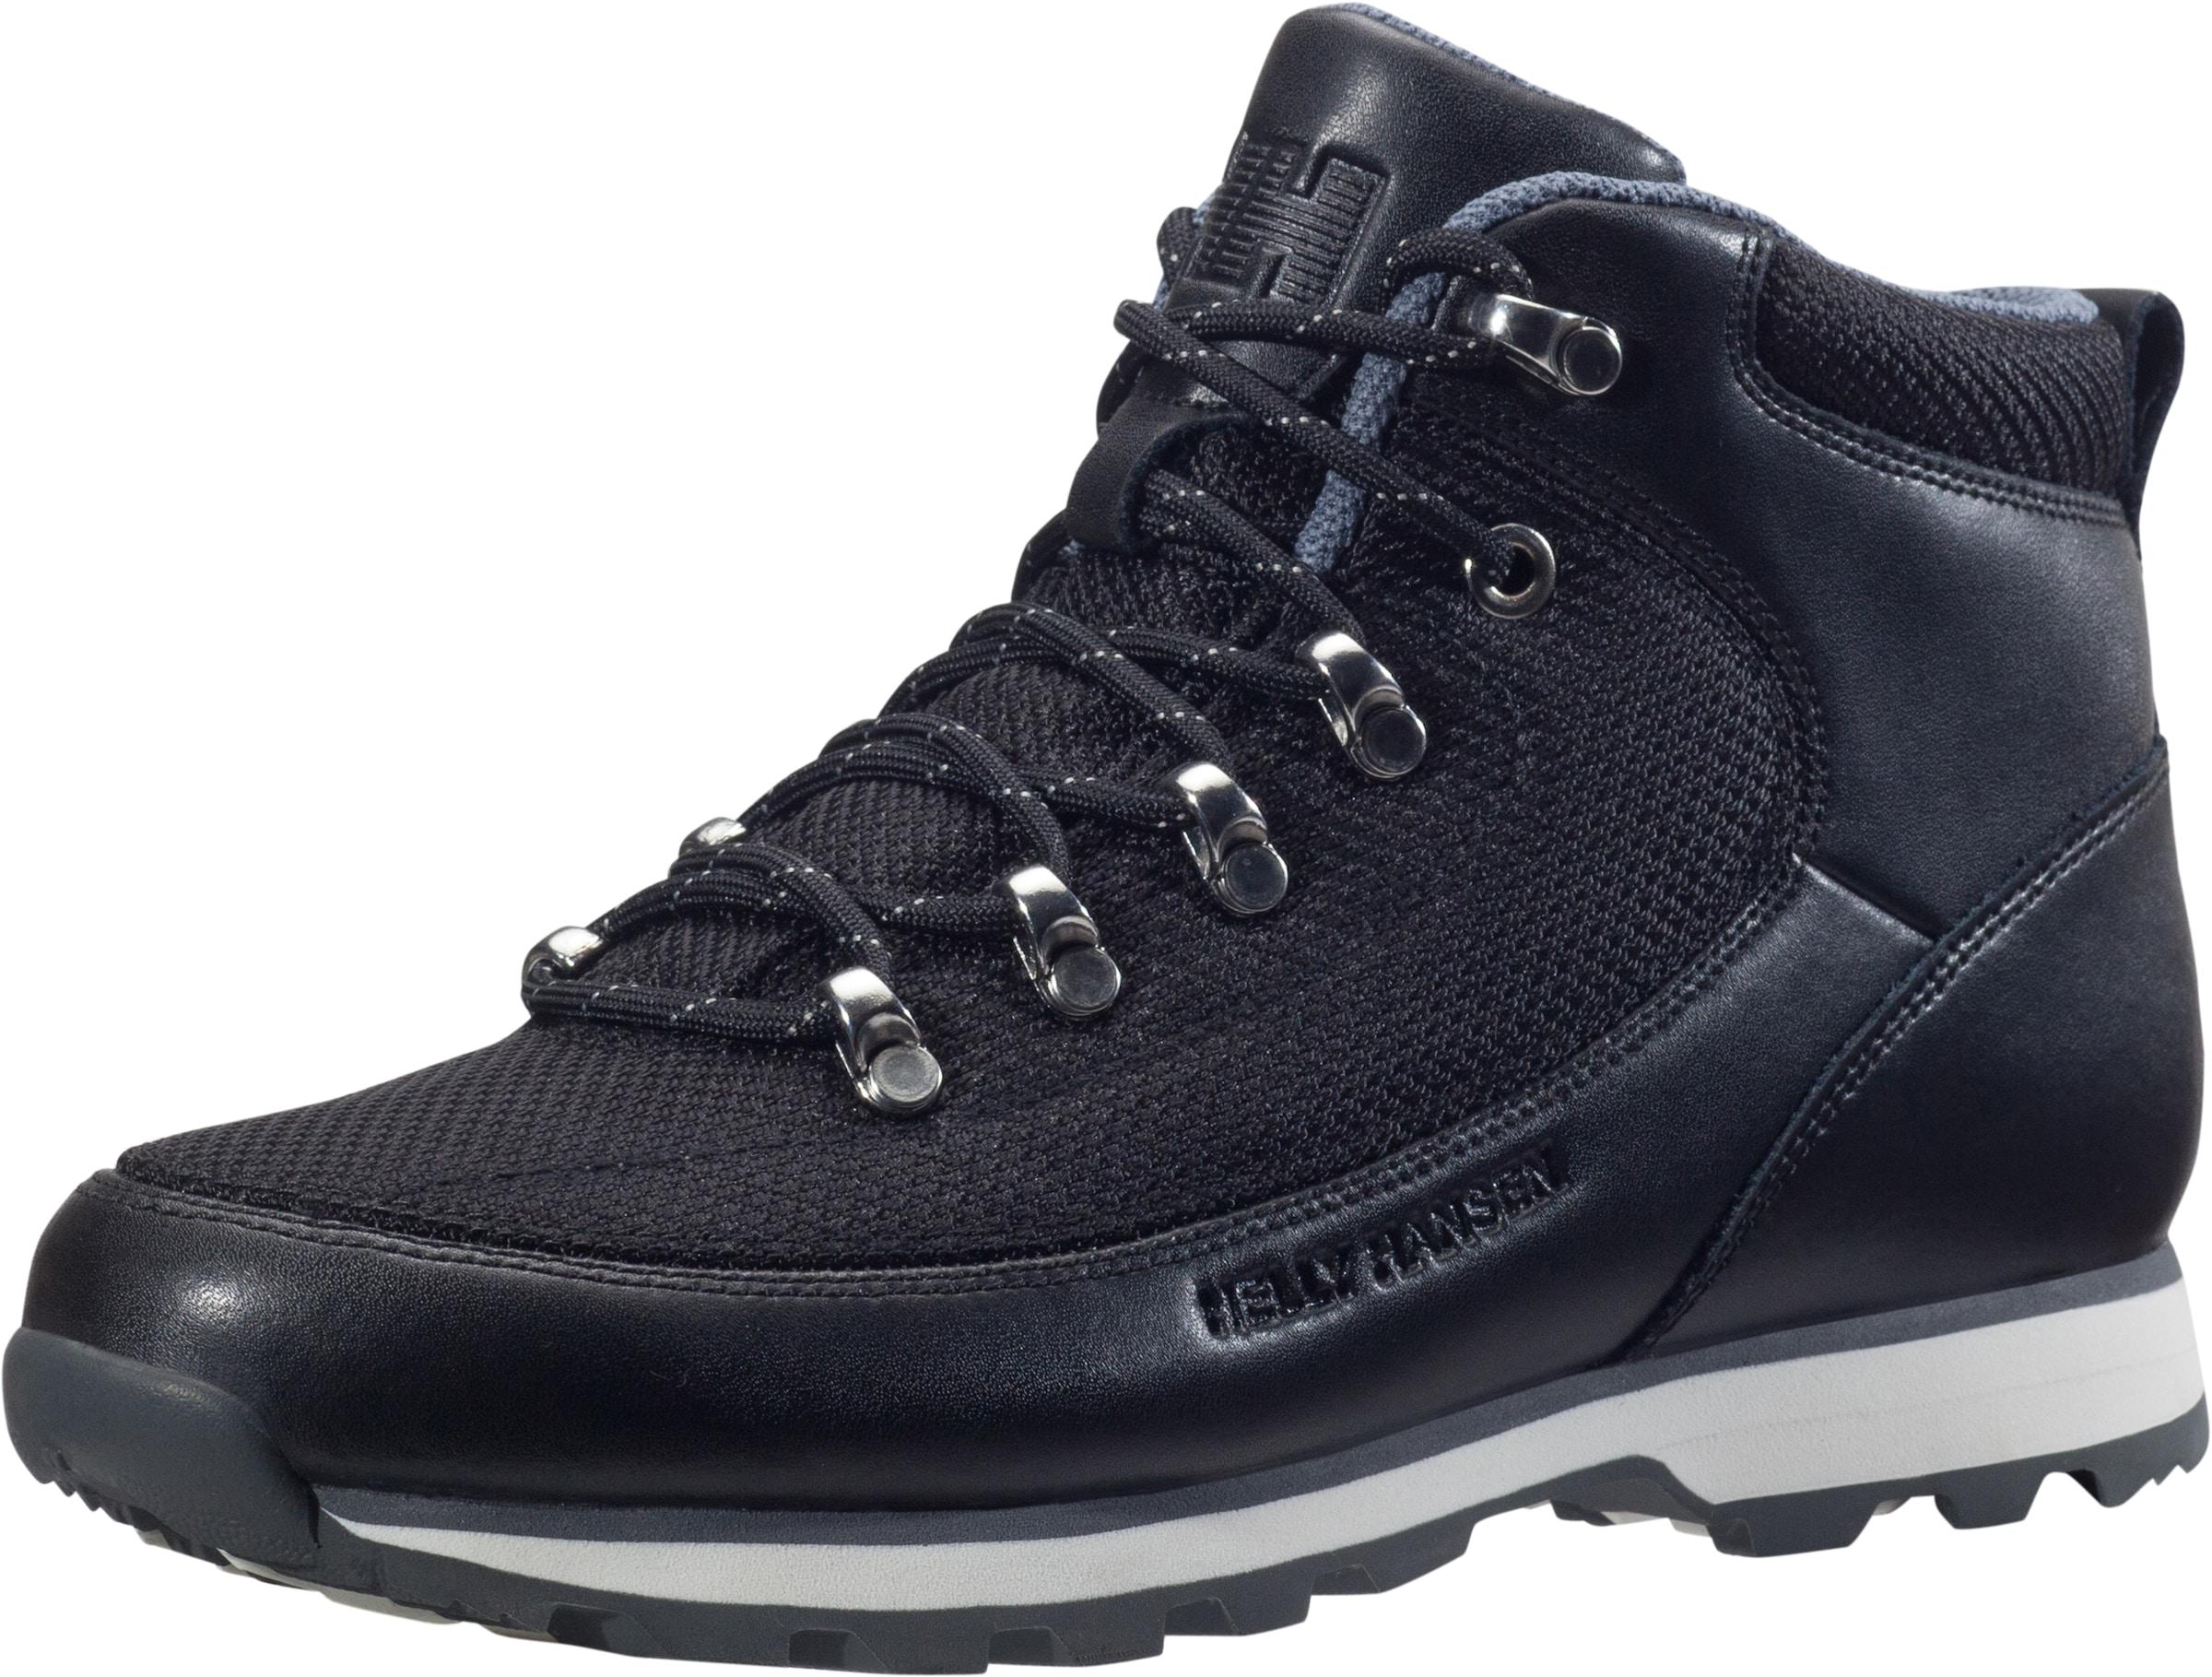 HELLY HANSEN Winterstiefel Günstige und langlebige Schuhe